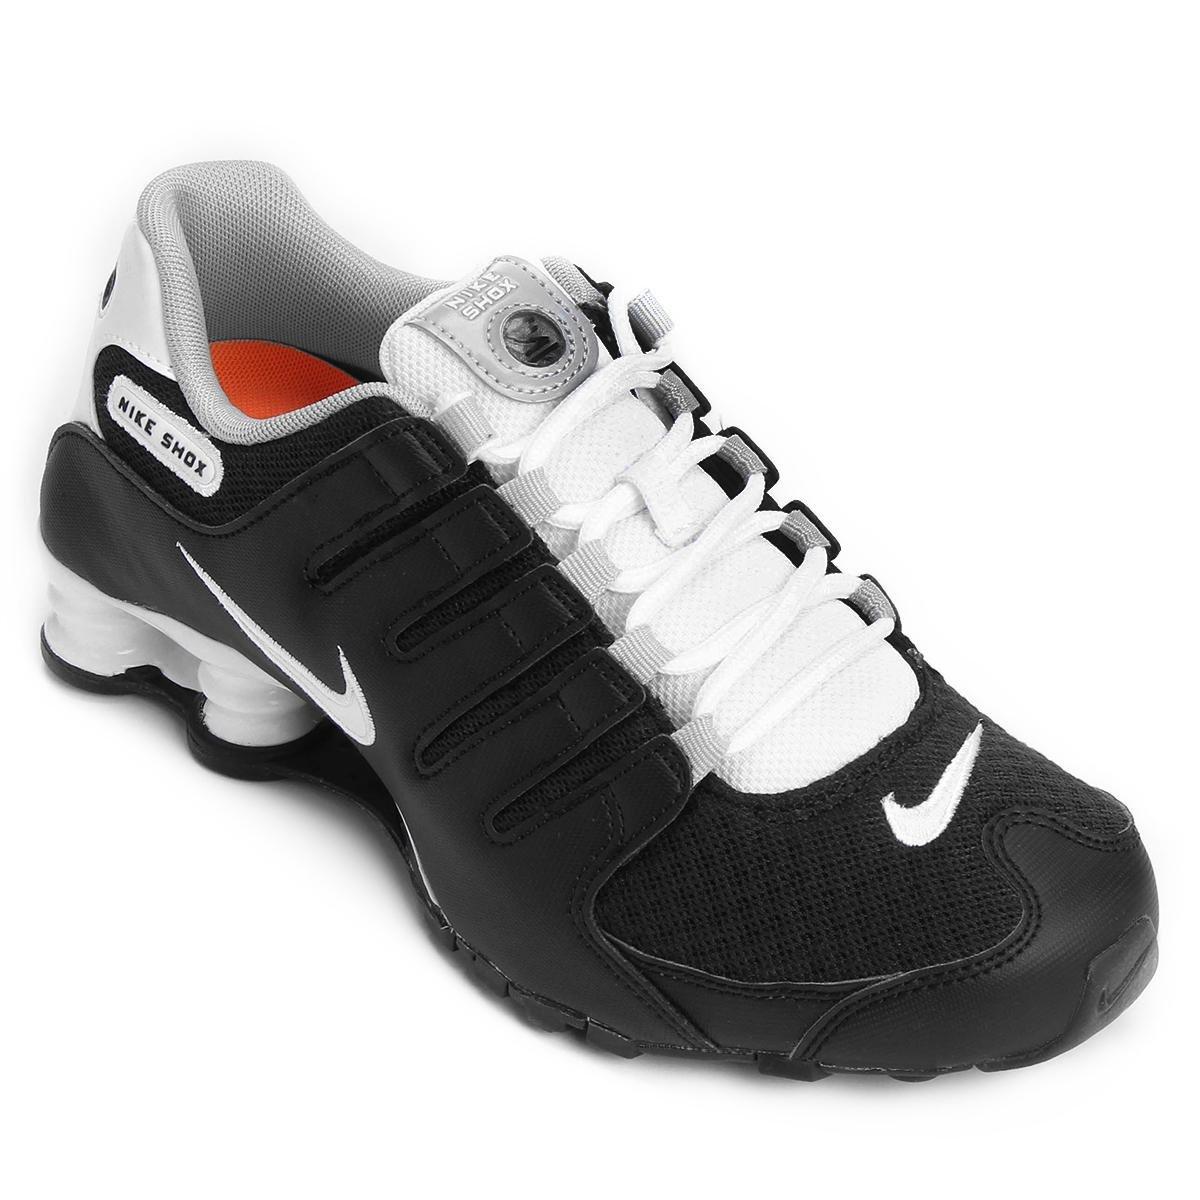 e6e6c0127d8 Tênis Nike Shox Nz Se - Preto e Branco - Compre Agora